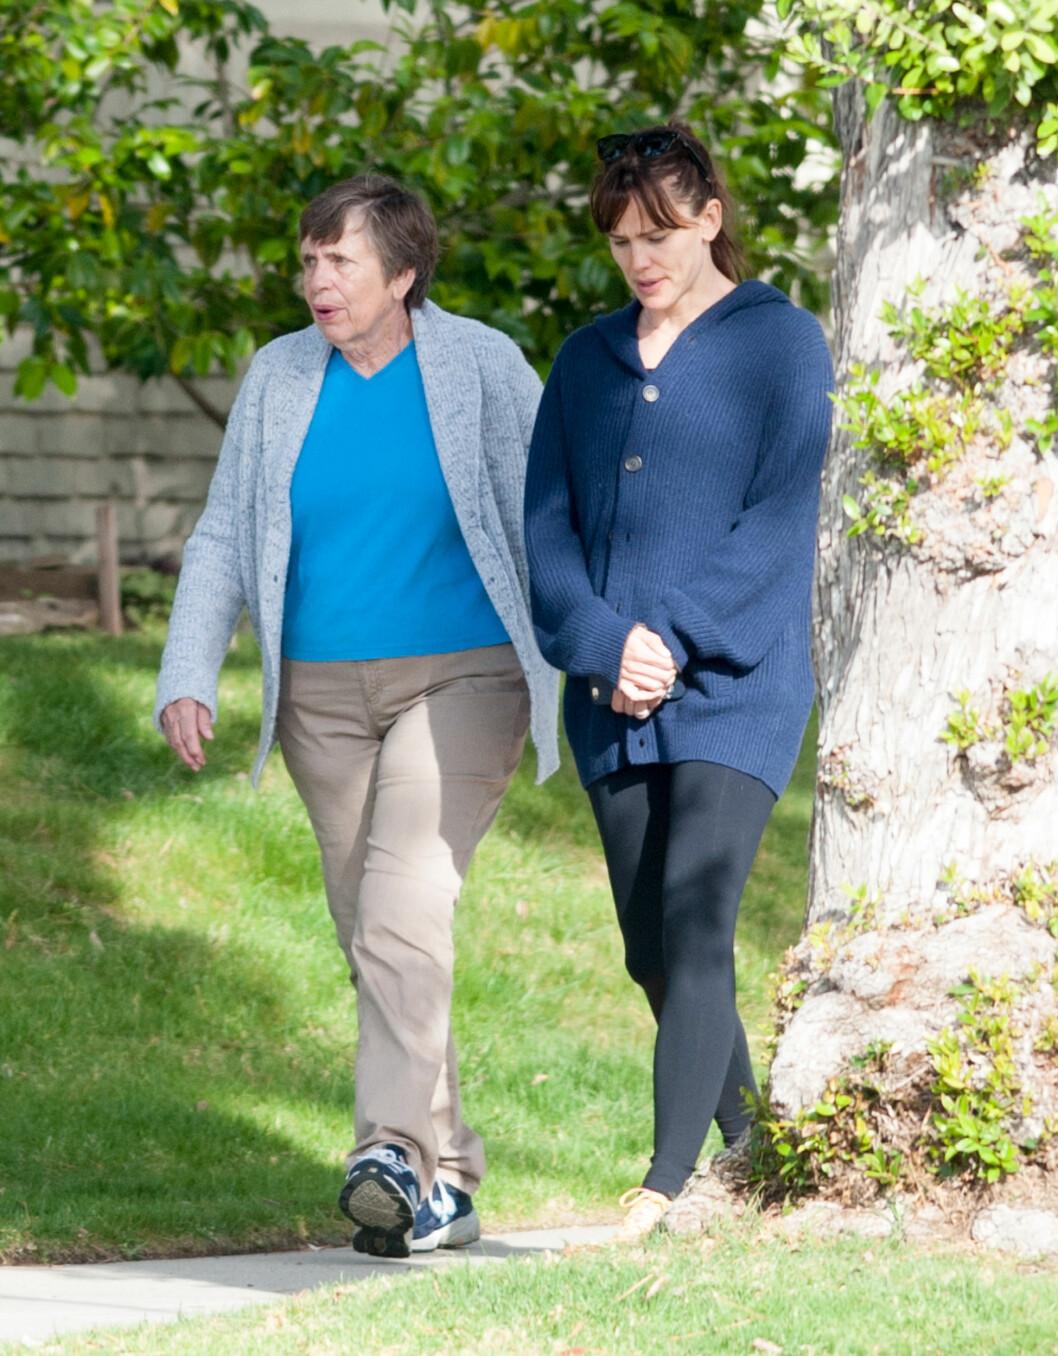 FÅR STØTTE AV MOR: Mens ektemannen lever sitt eget liv får Jennifer blant annet hjelp av sin Patricia Garner. Her er de to fotografert på tur i Brentwoods gater i midten av mai. Foto: NTB Scanpix